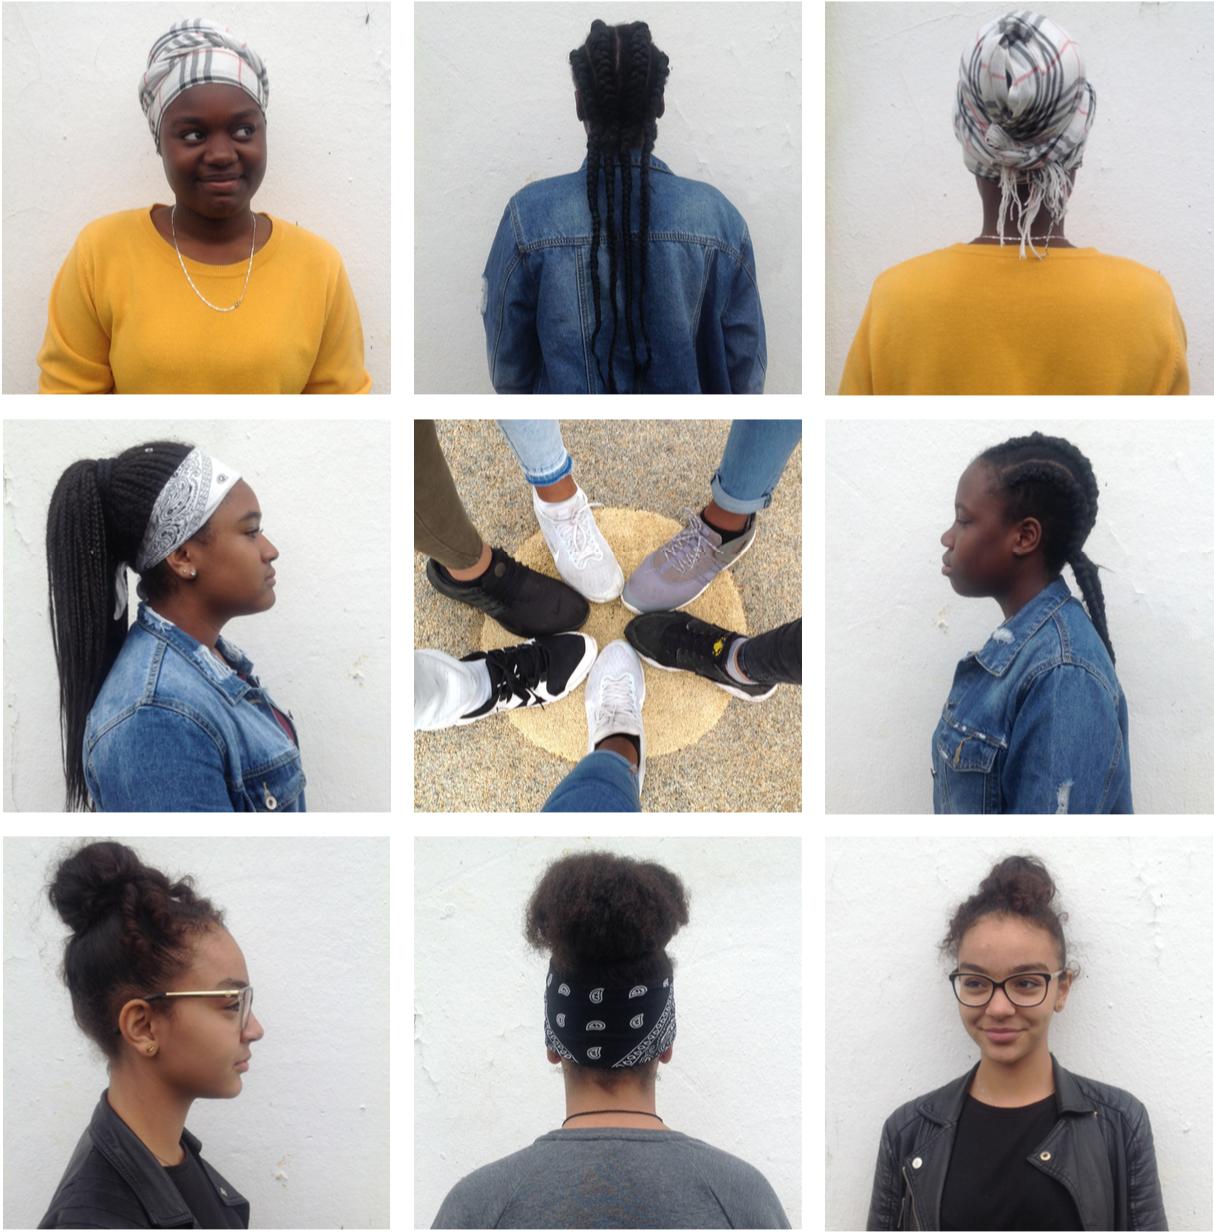 Grand-Vaux dans nos yeux - Fin 2017, avec le soutien de la DRAC qui subventionne les actions du dizaine de journalistes dans les territoires prioritaires d'Île-de-France, j'ai proposé une série d'ateliers auprès de dix jeunes femmes de la maison de quartier de Grand Vaux, près de Savigny-sur-Orge en Essonne.